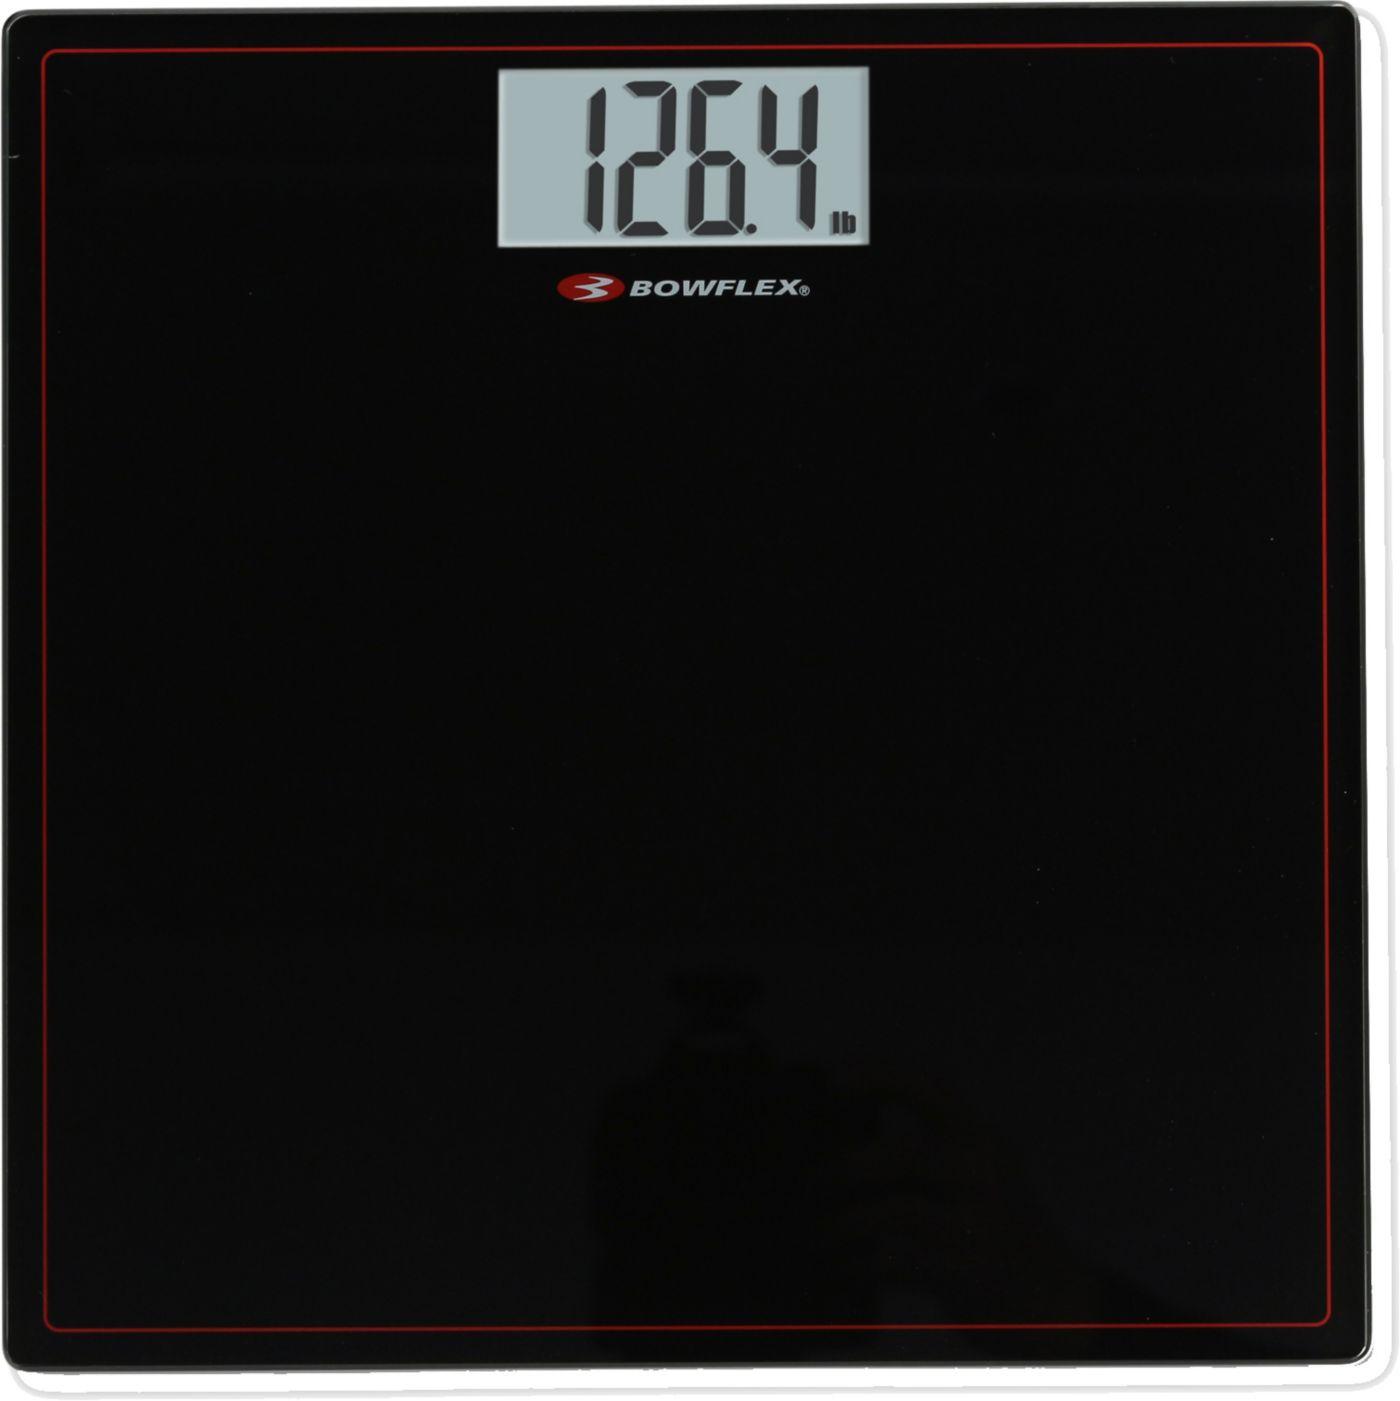 Bowflex Digital Glass Bathroom Scale